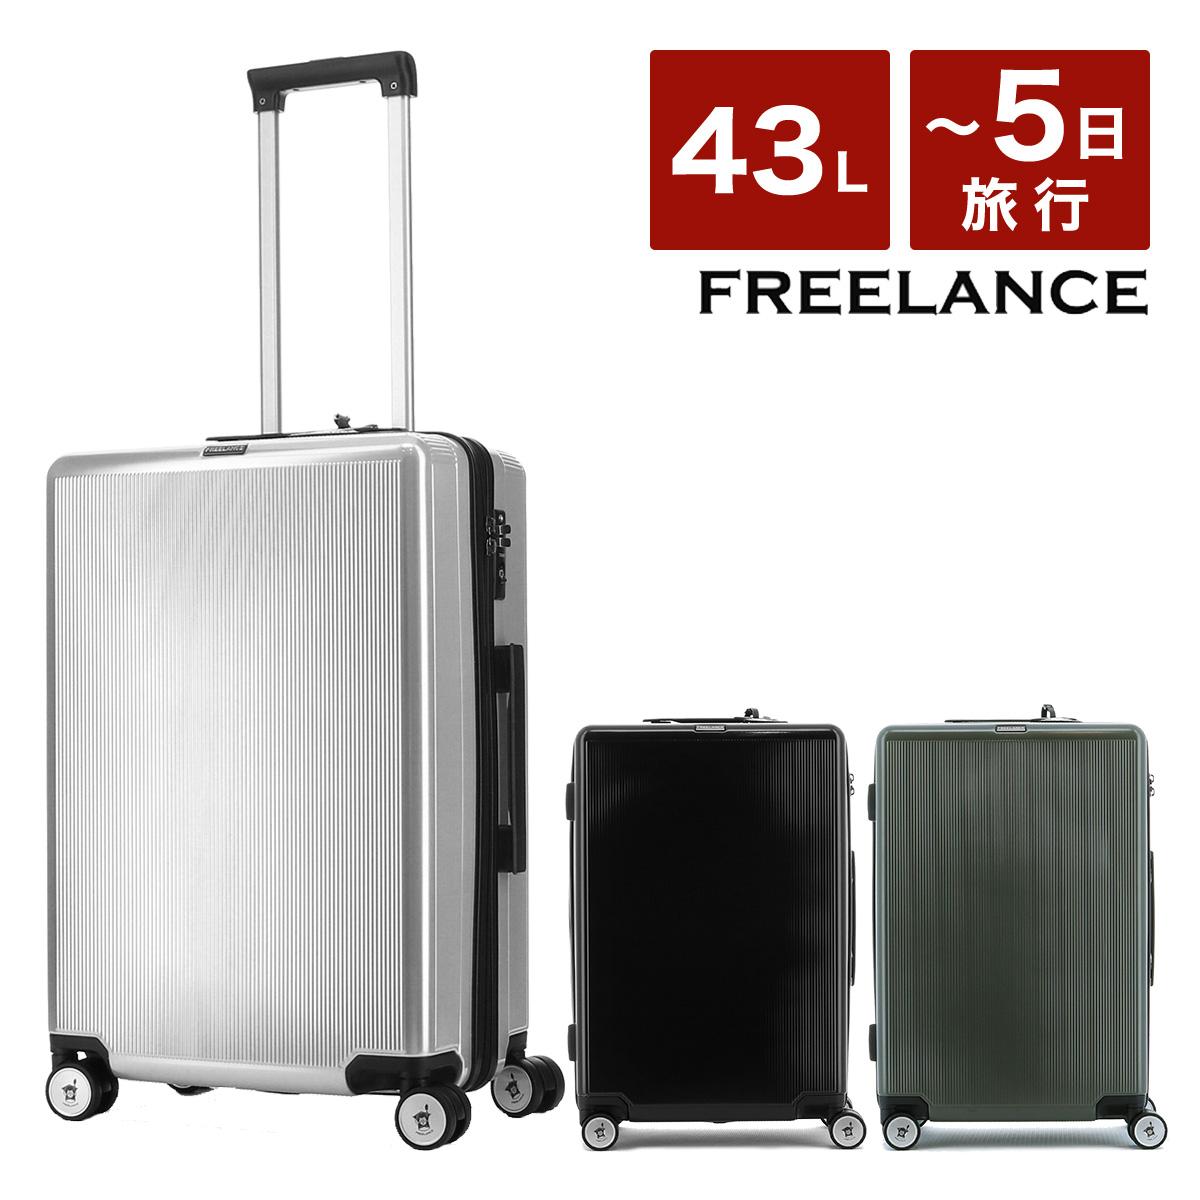 フリーランス スーツケース|43L 55.5cm FREELANCE 3.6kg FLT-003 フリーランス|軽量 ハード ファスナー [PO5][bef][即日発送] TSAロック搭載 FREELANCE [PO5][bef][即日発送], スワロフスキー専門店Random:f16a3859 --- sunward.msk.ru